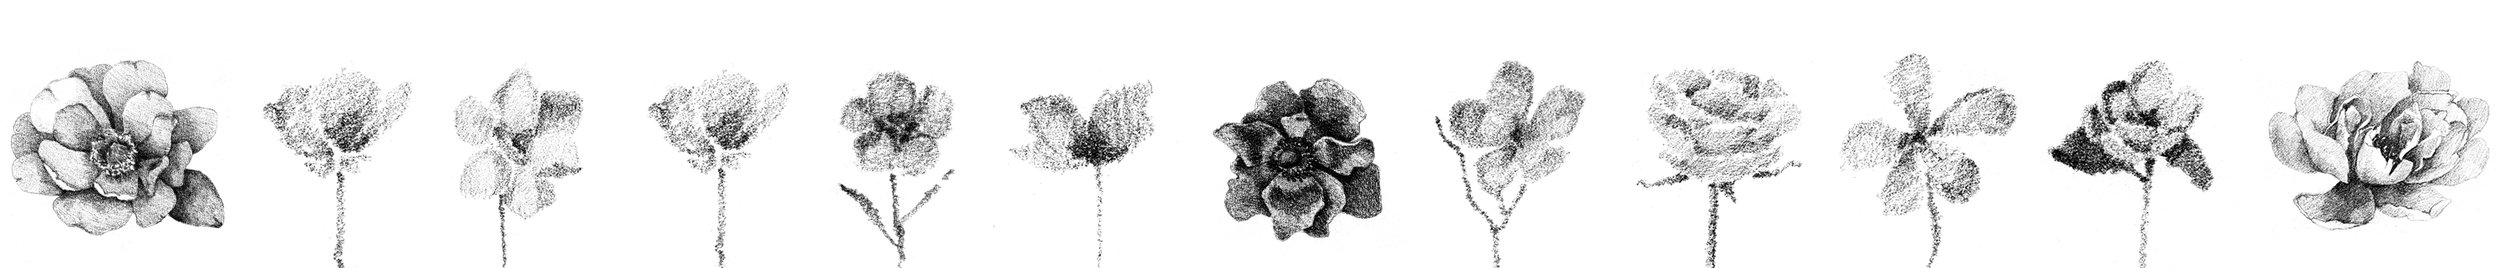 pencilflowers_all.jpg